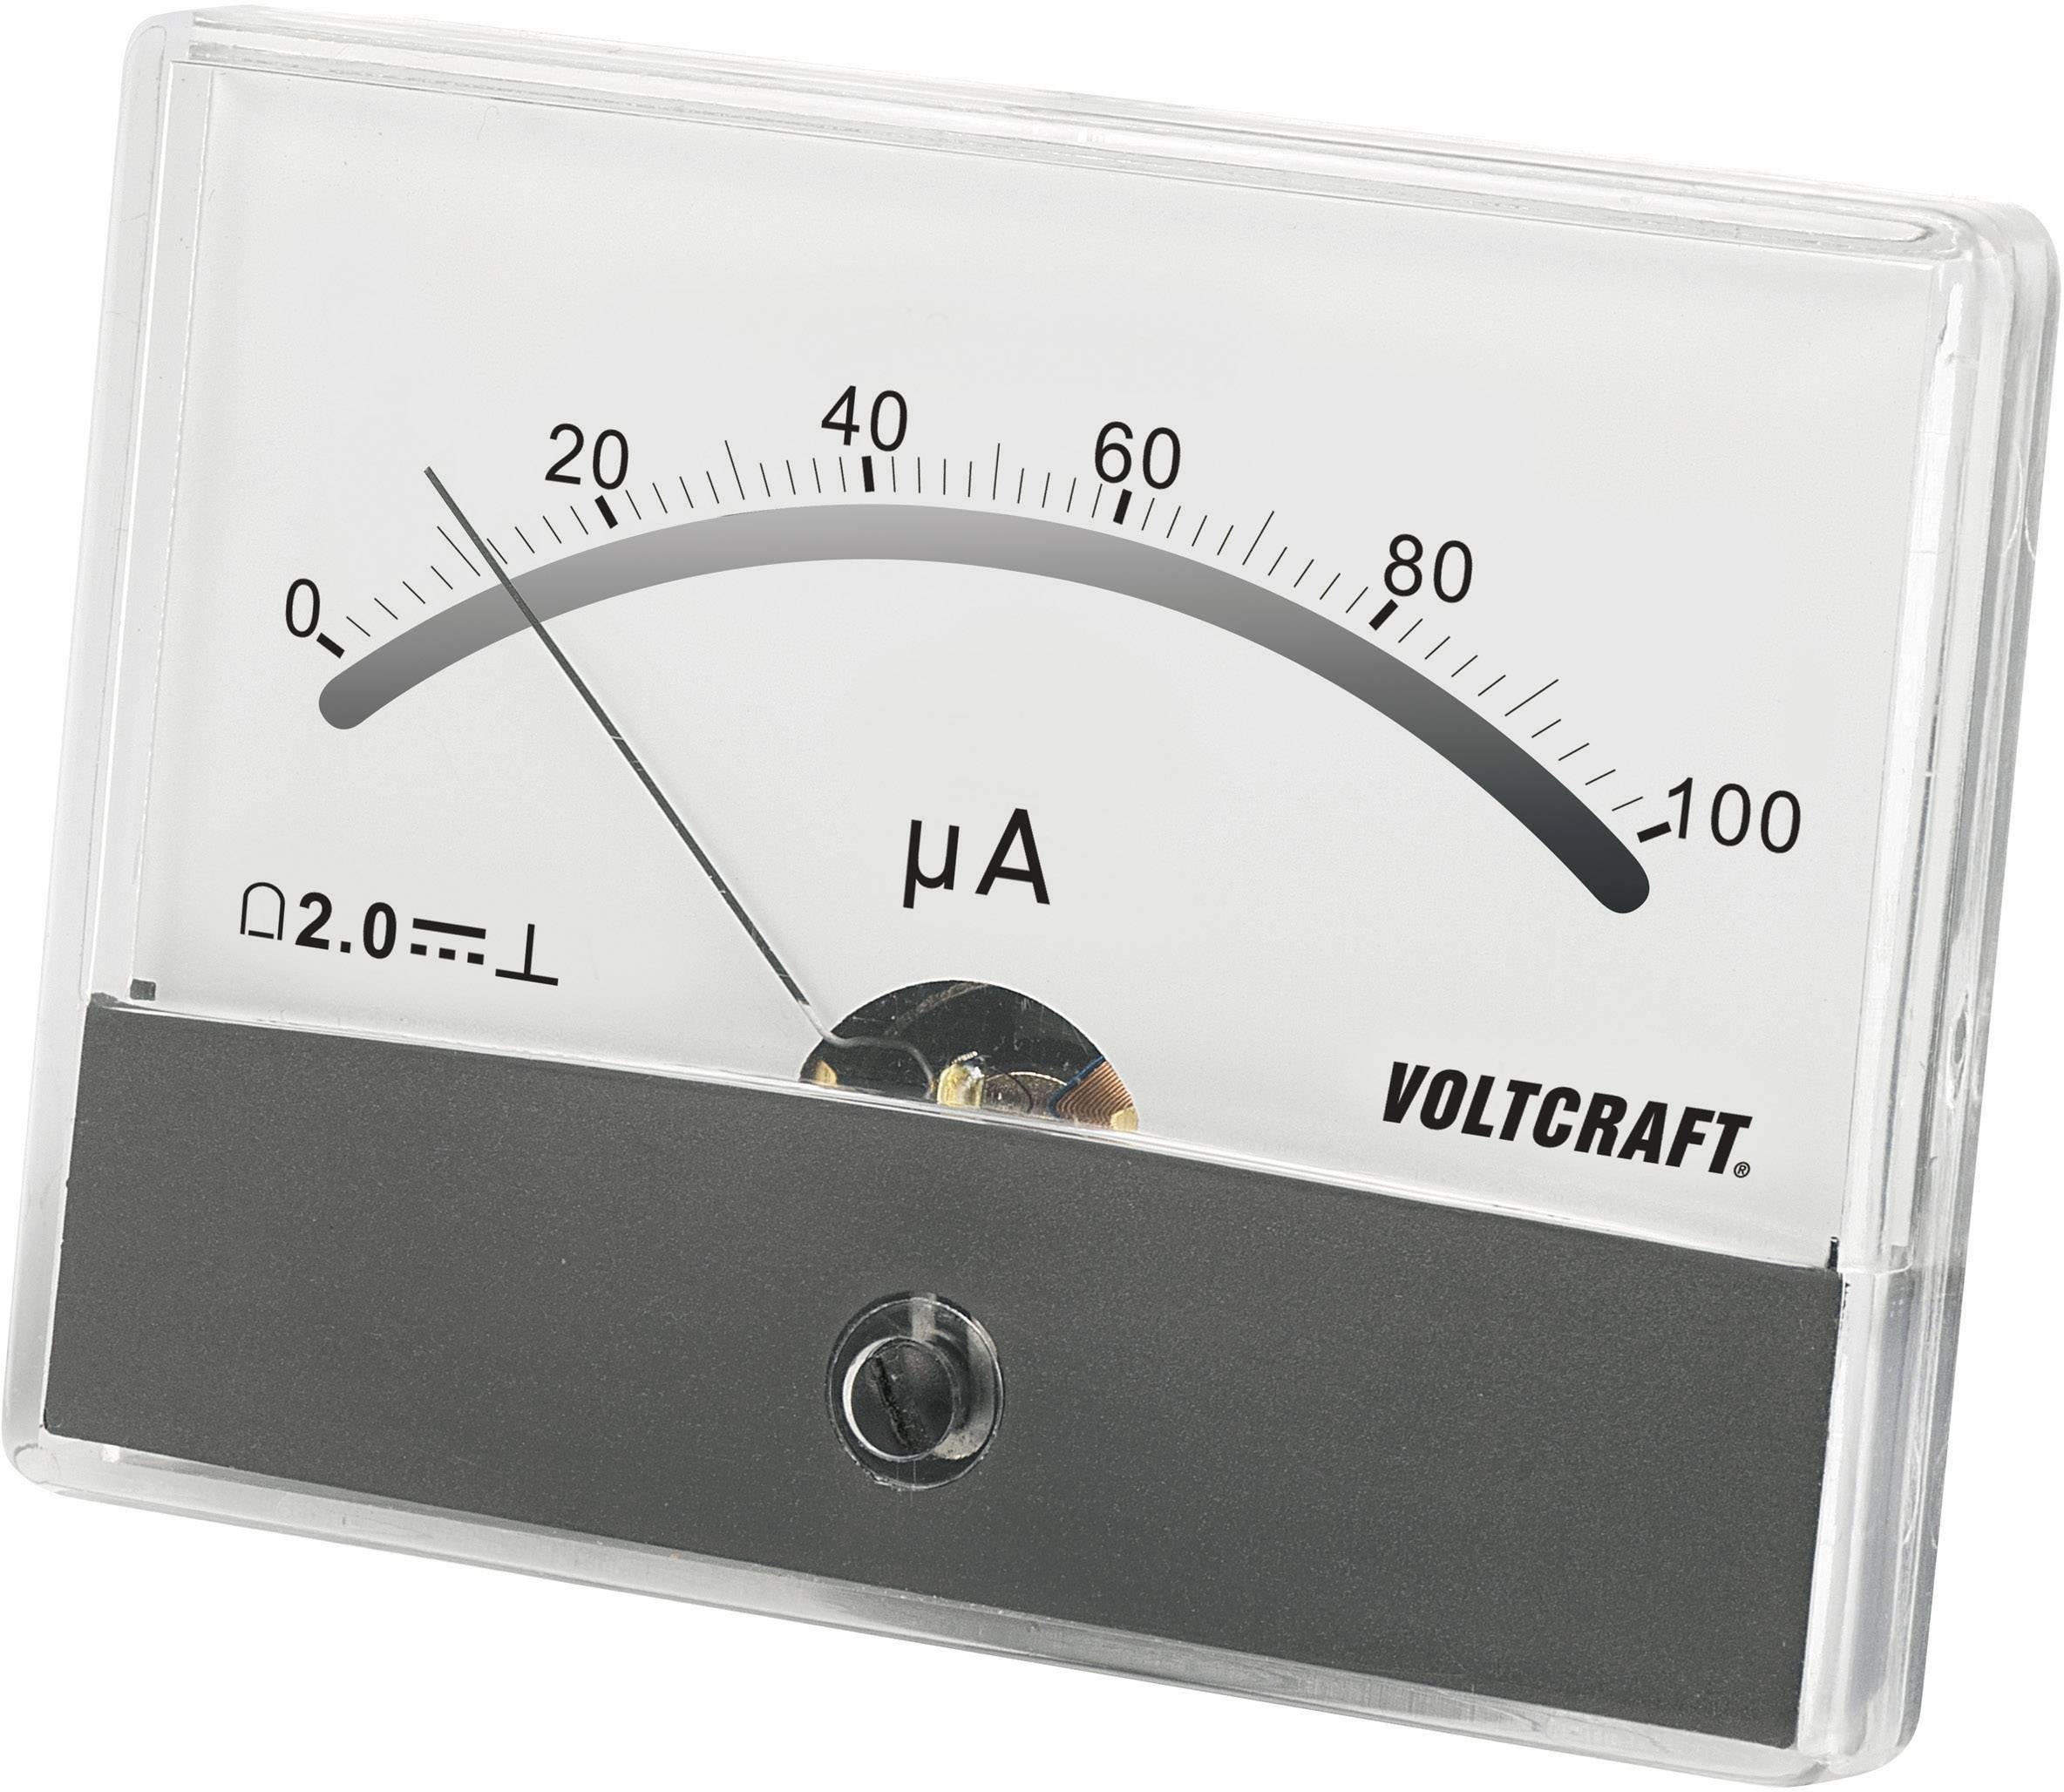 VOLTCRAFT AM-86X65/100µA Ugradbeni mjerni uređaj AM  100 µA pomični svitak